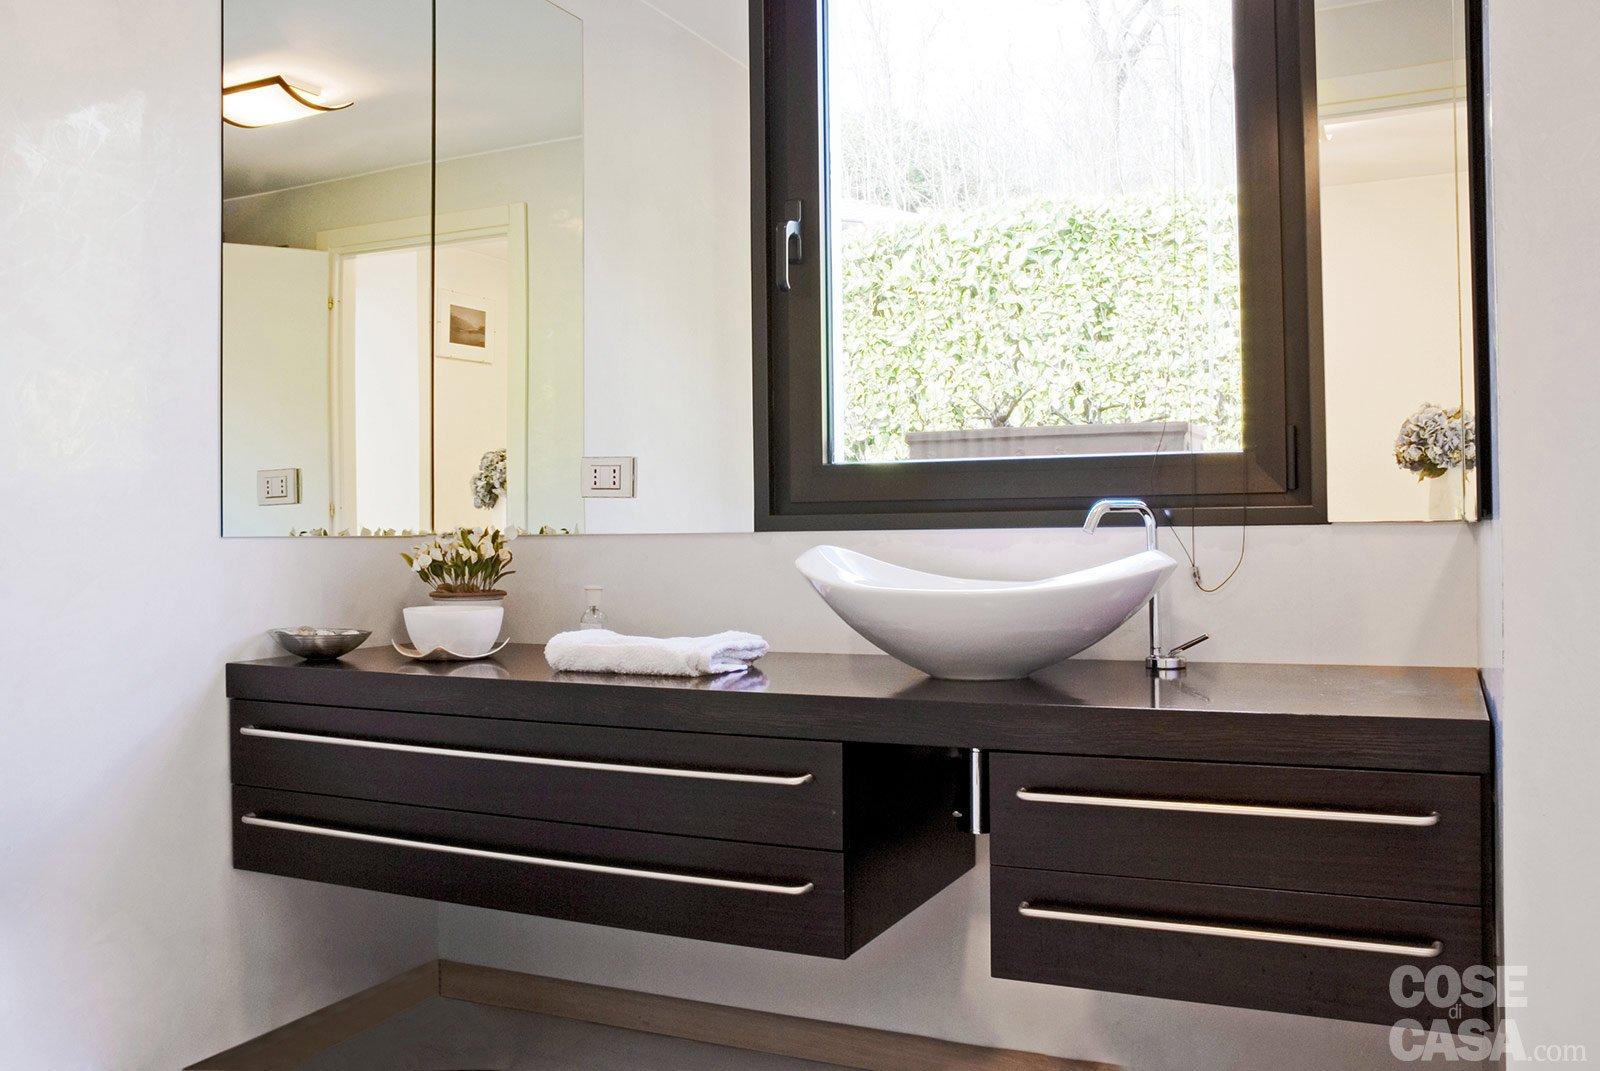 La casa di 60 mq raddoppia sfruttando il sottotetto cose di casa - La casa del bagno ...